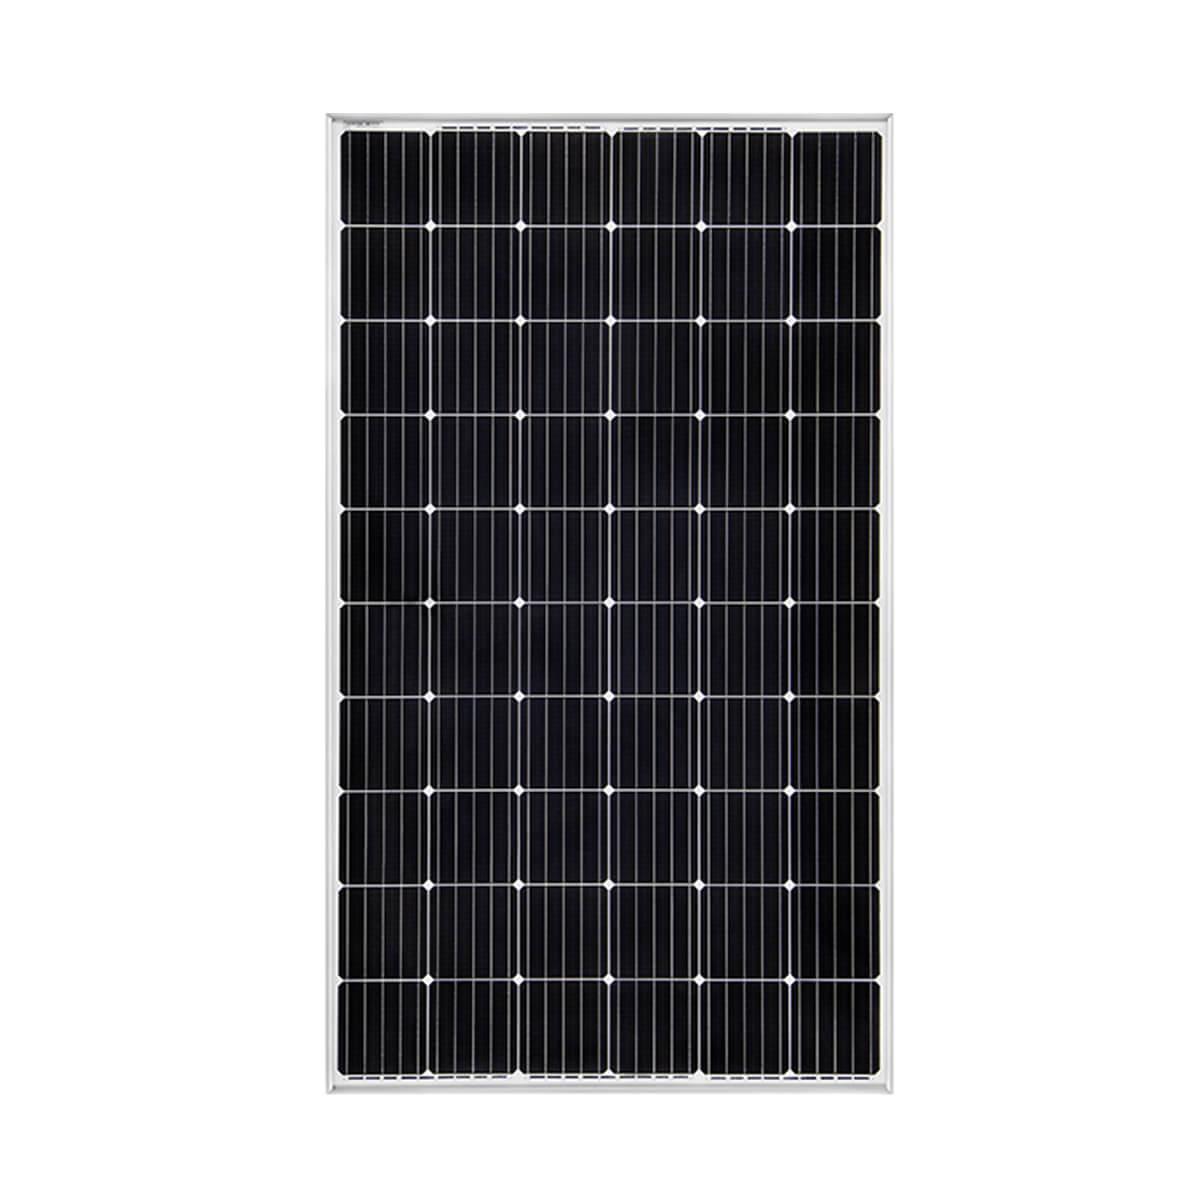 plurawatt 340W panel, plurawatt 340Watt panel, plurawatt 340 W panel, plurawatt 340 Watt panel, plurawatt 340 Watt monokristal panel, plurawatt 340 W watt gunes paneli, plurawatt 340 W watt monokristal gunes paneli, plurawatt 340 W Watt fotovoltaik monokristal solar panel, plurawatt 340W monokristal gunes enerjisi, plurawatt dc-l60-340W panel, PLURAWATT 340 WATT